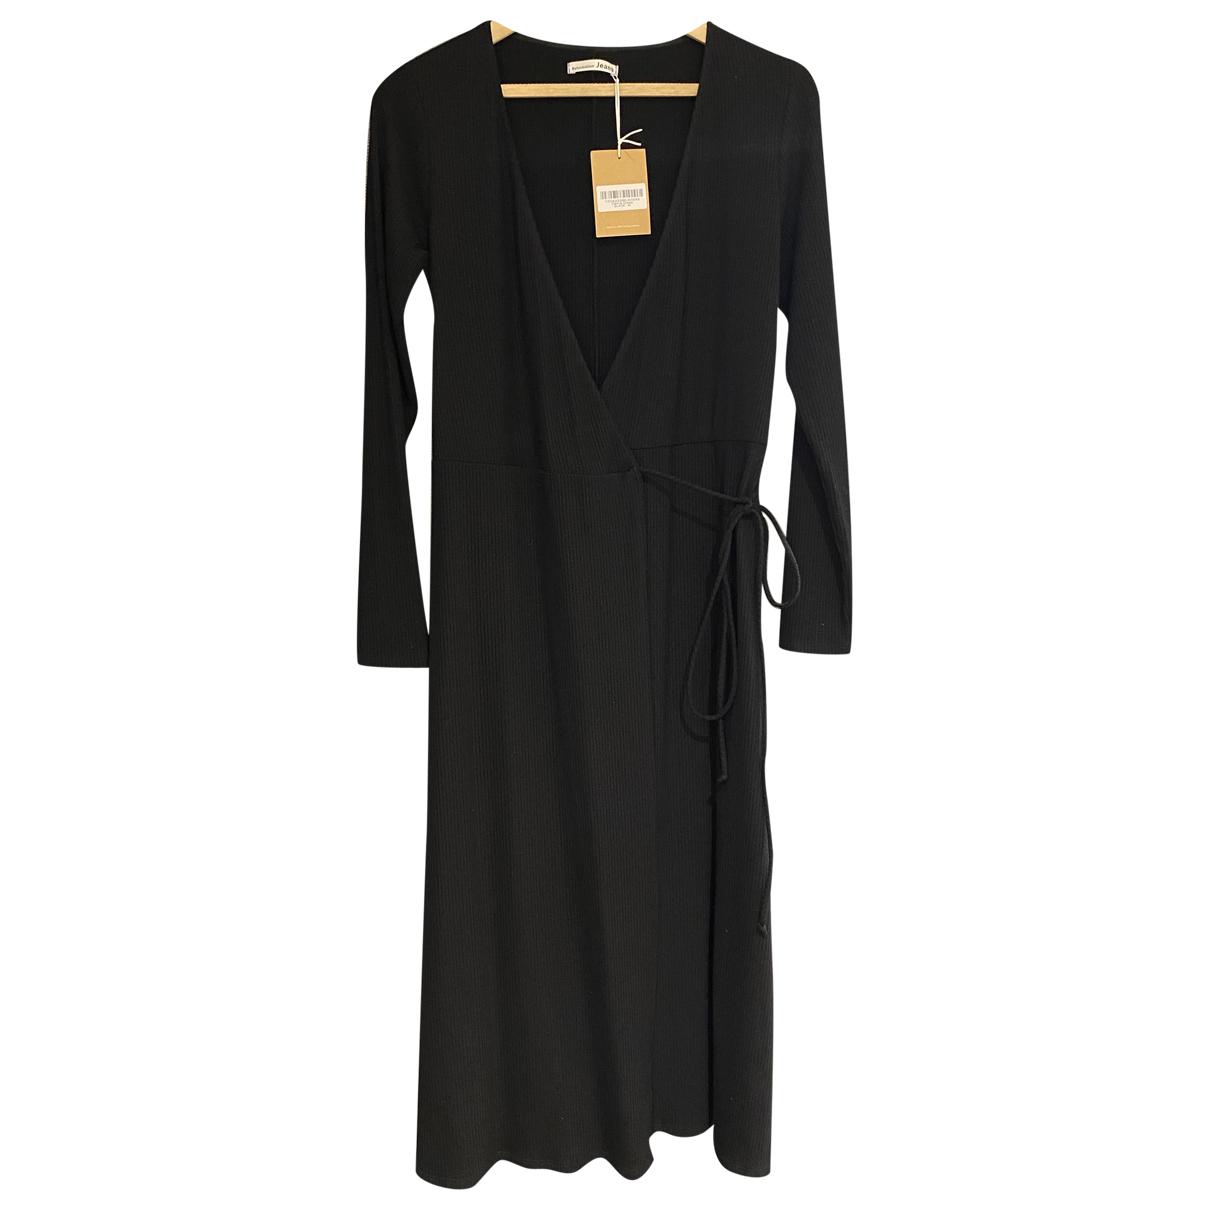 Reformation - Robe   pour femme - noir